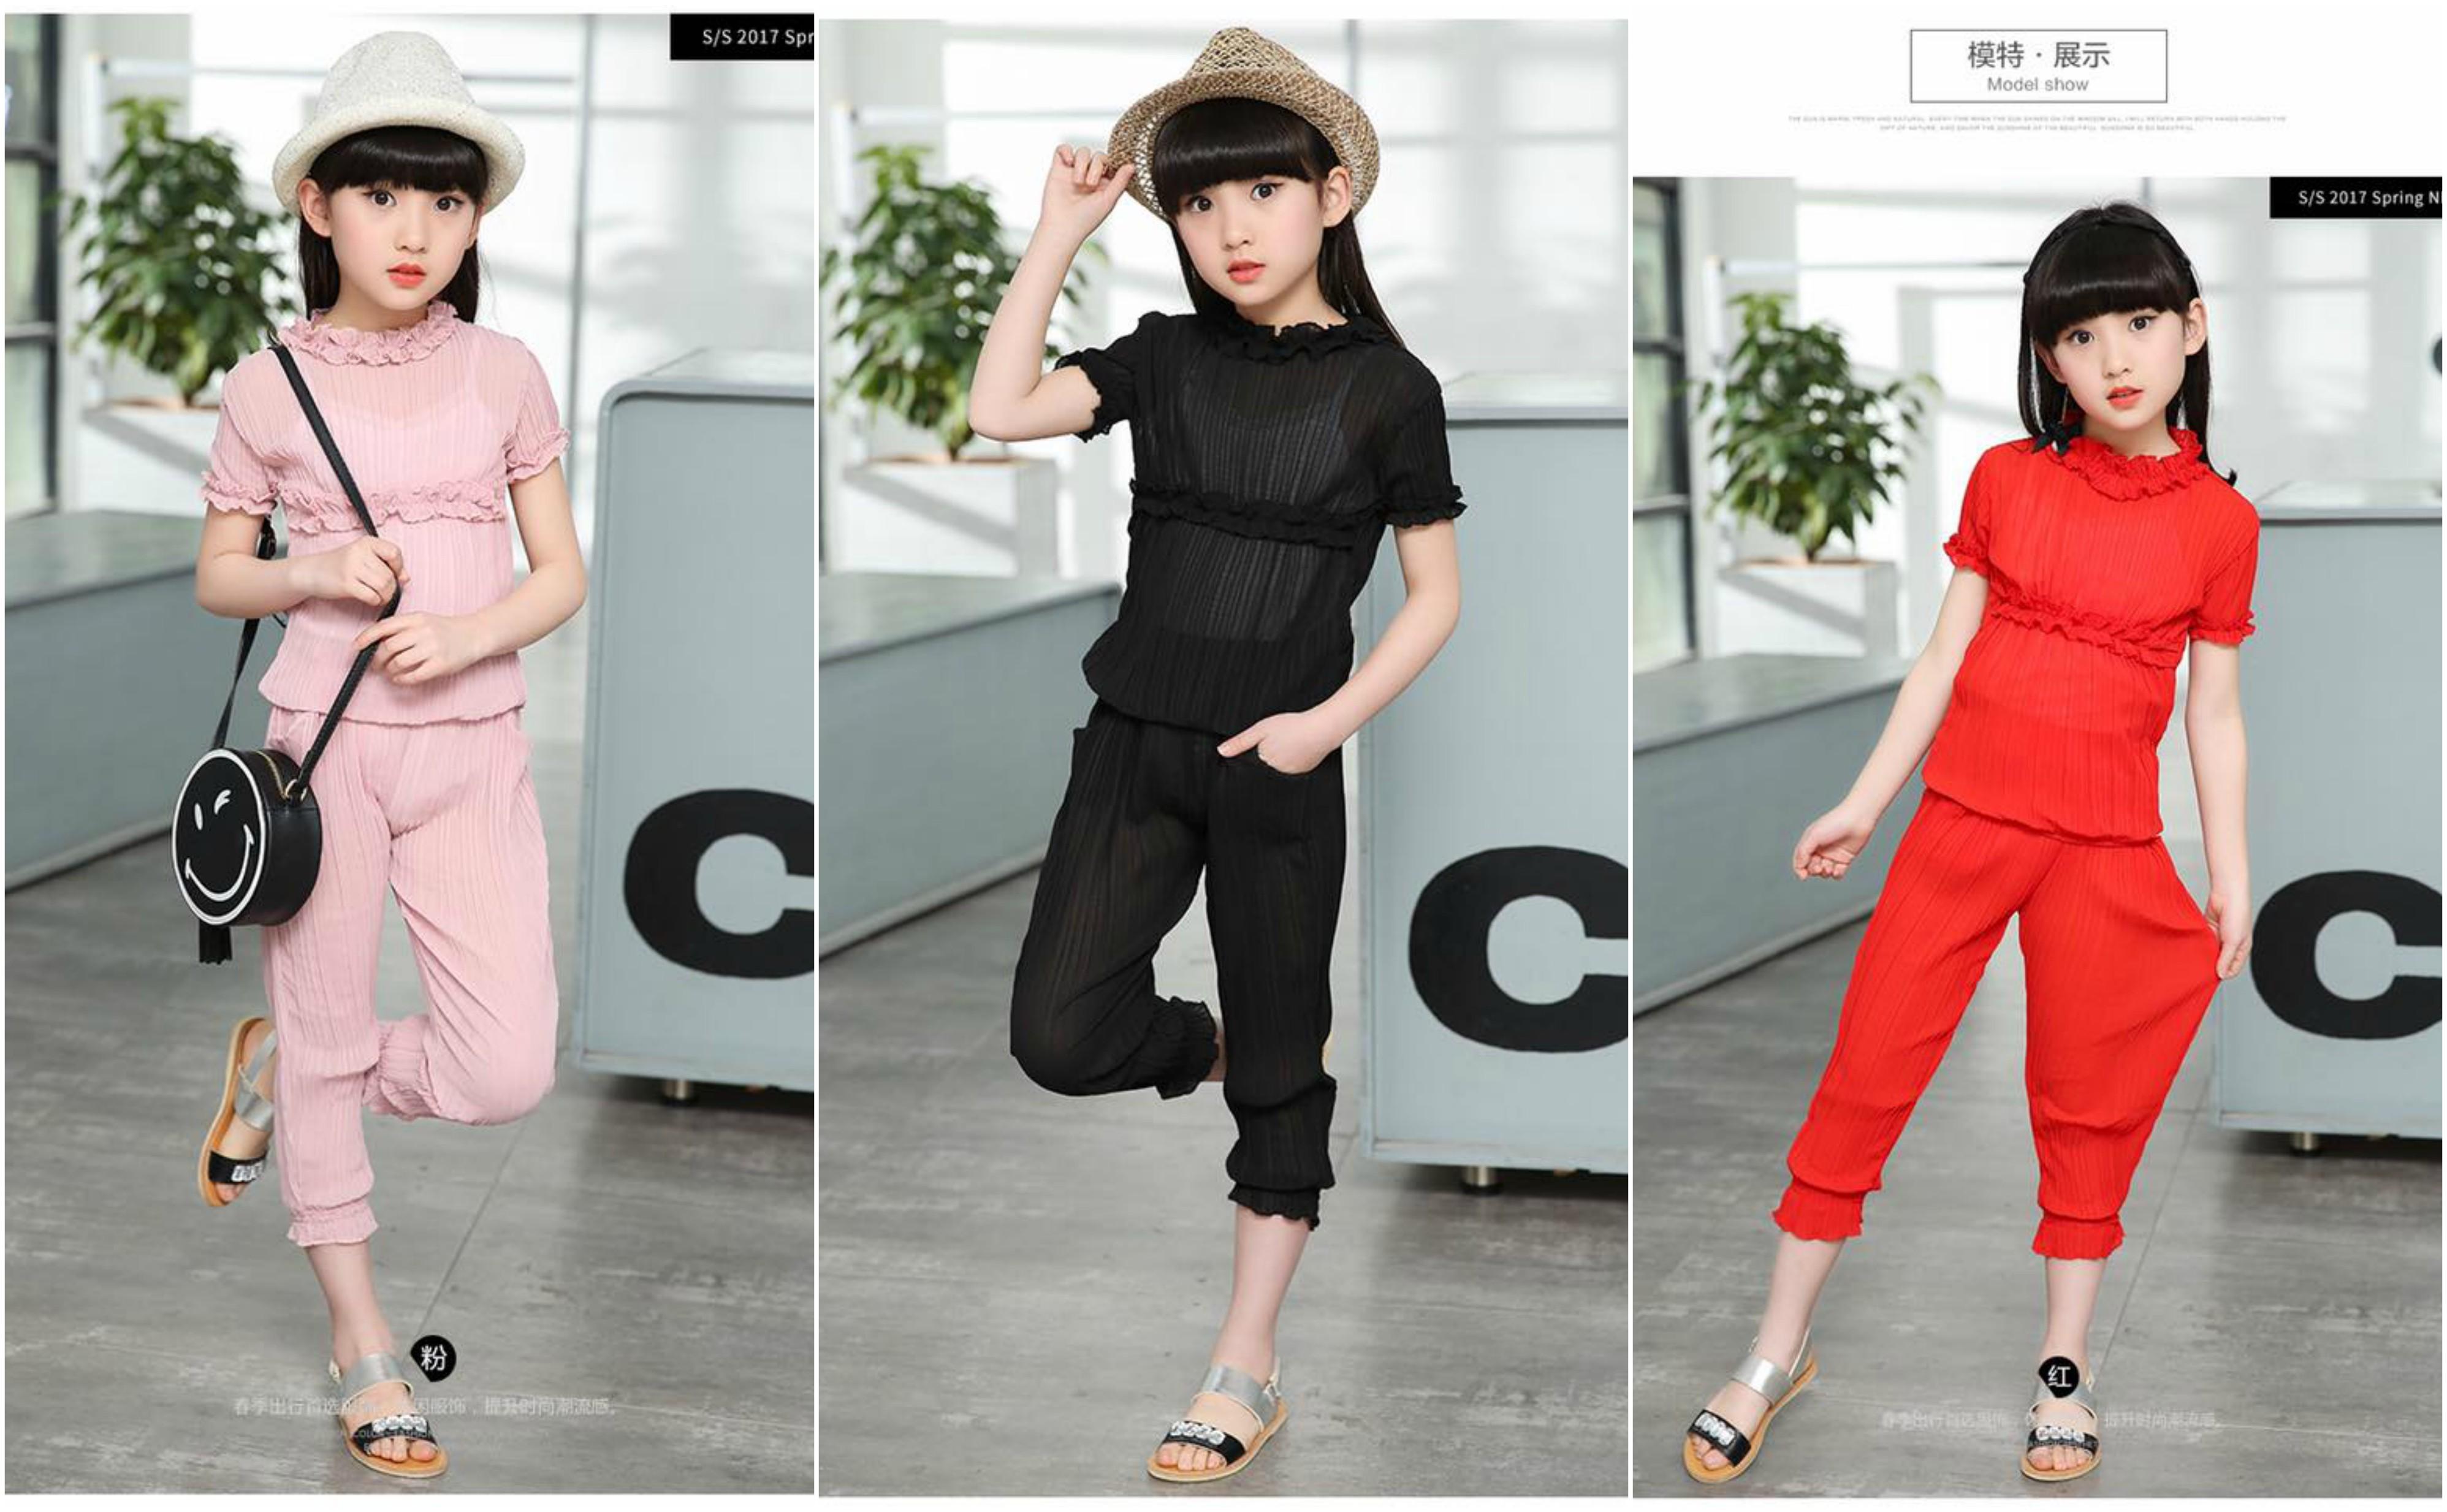 ชุดเด็ก : ชุดเซ็ตชีฟอง+กางเกงสามส่วน สีแดง,สีดำ,สีชมพู